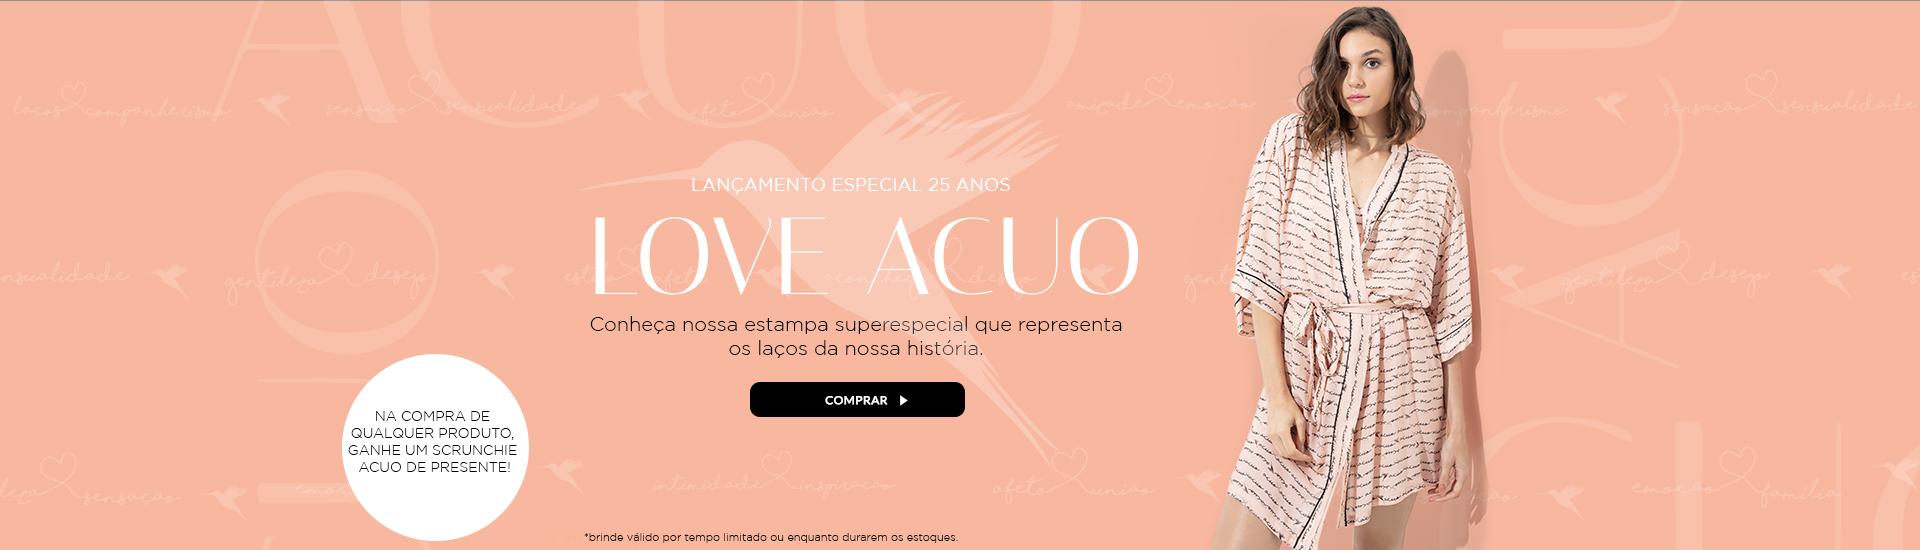 Love Acuo